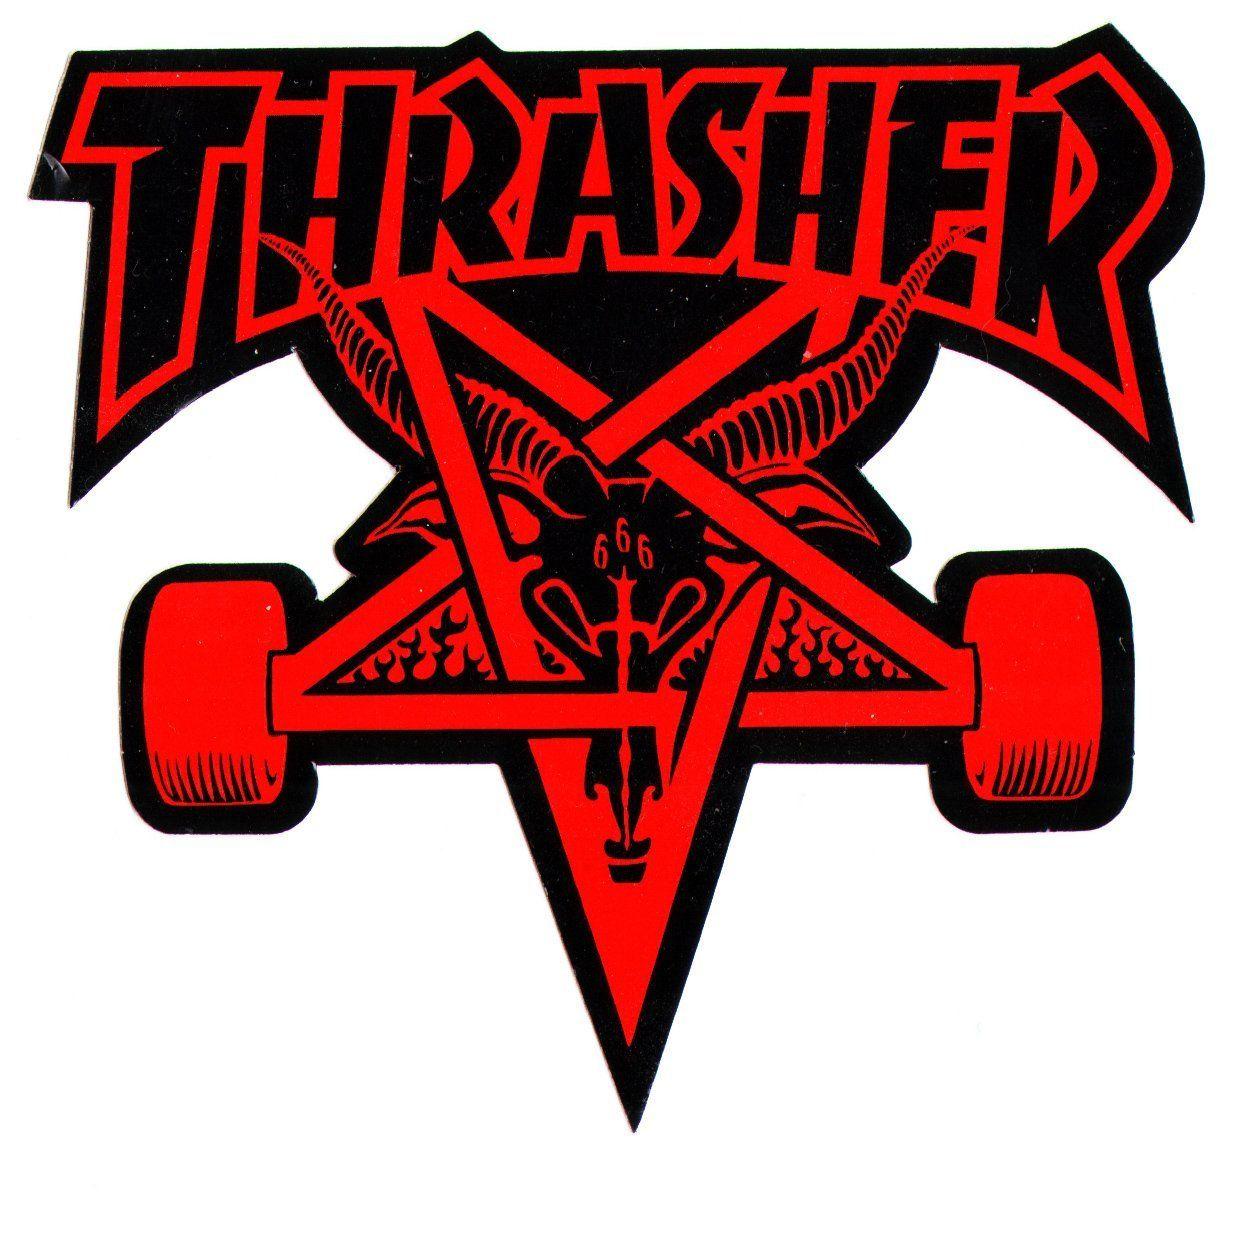 Thrasher Magazine Skate Goat Pentagram Skateboard Sticker